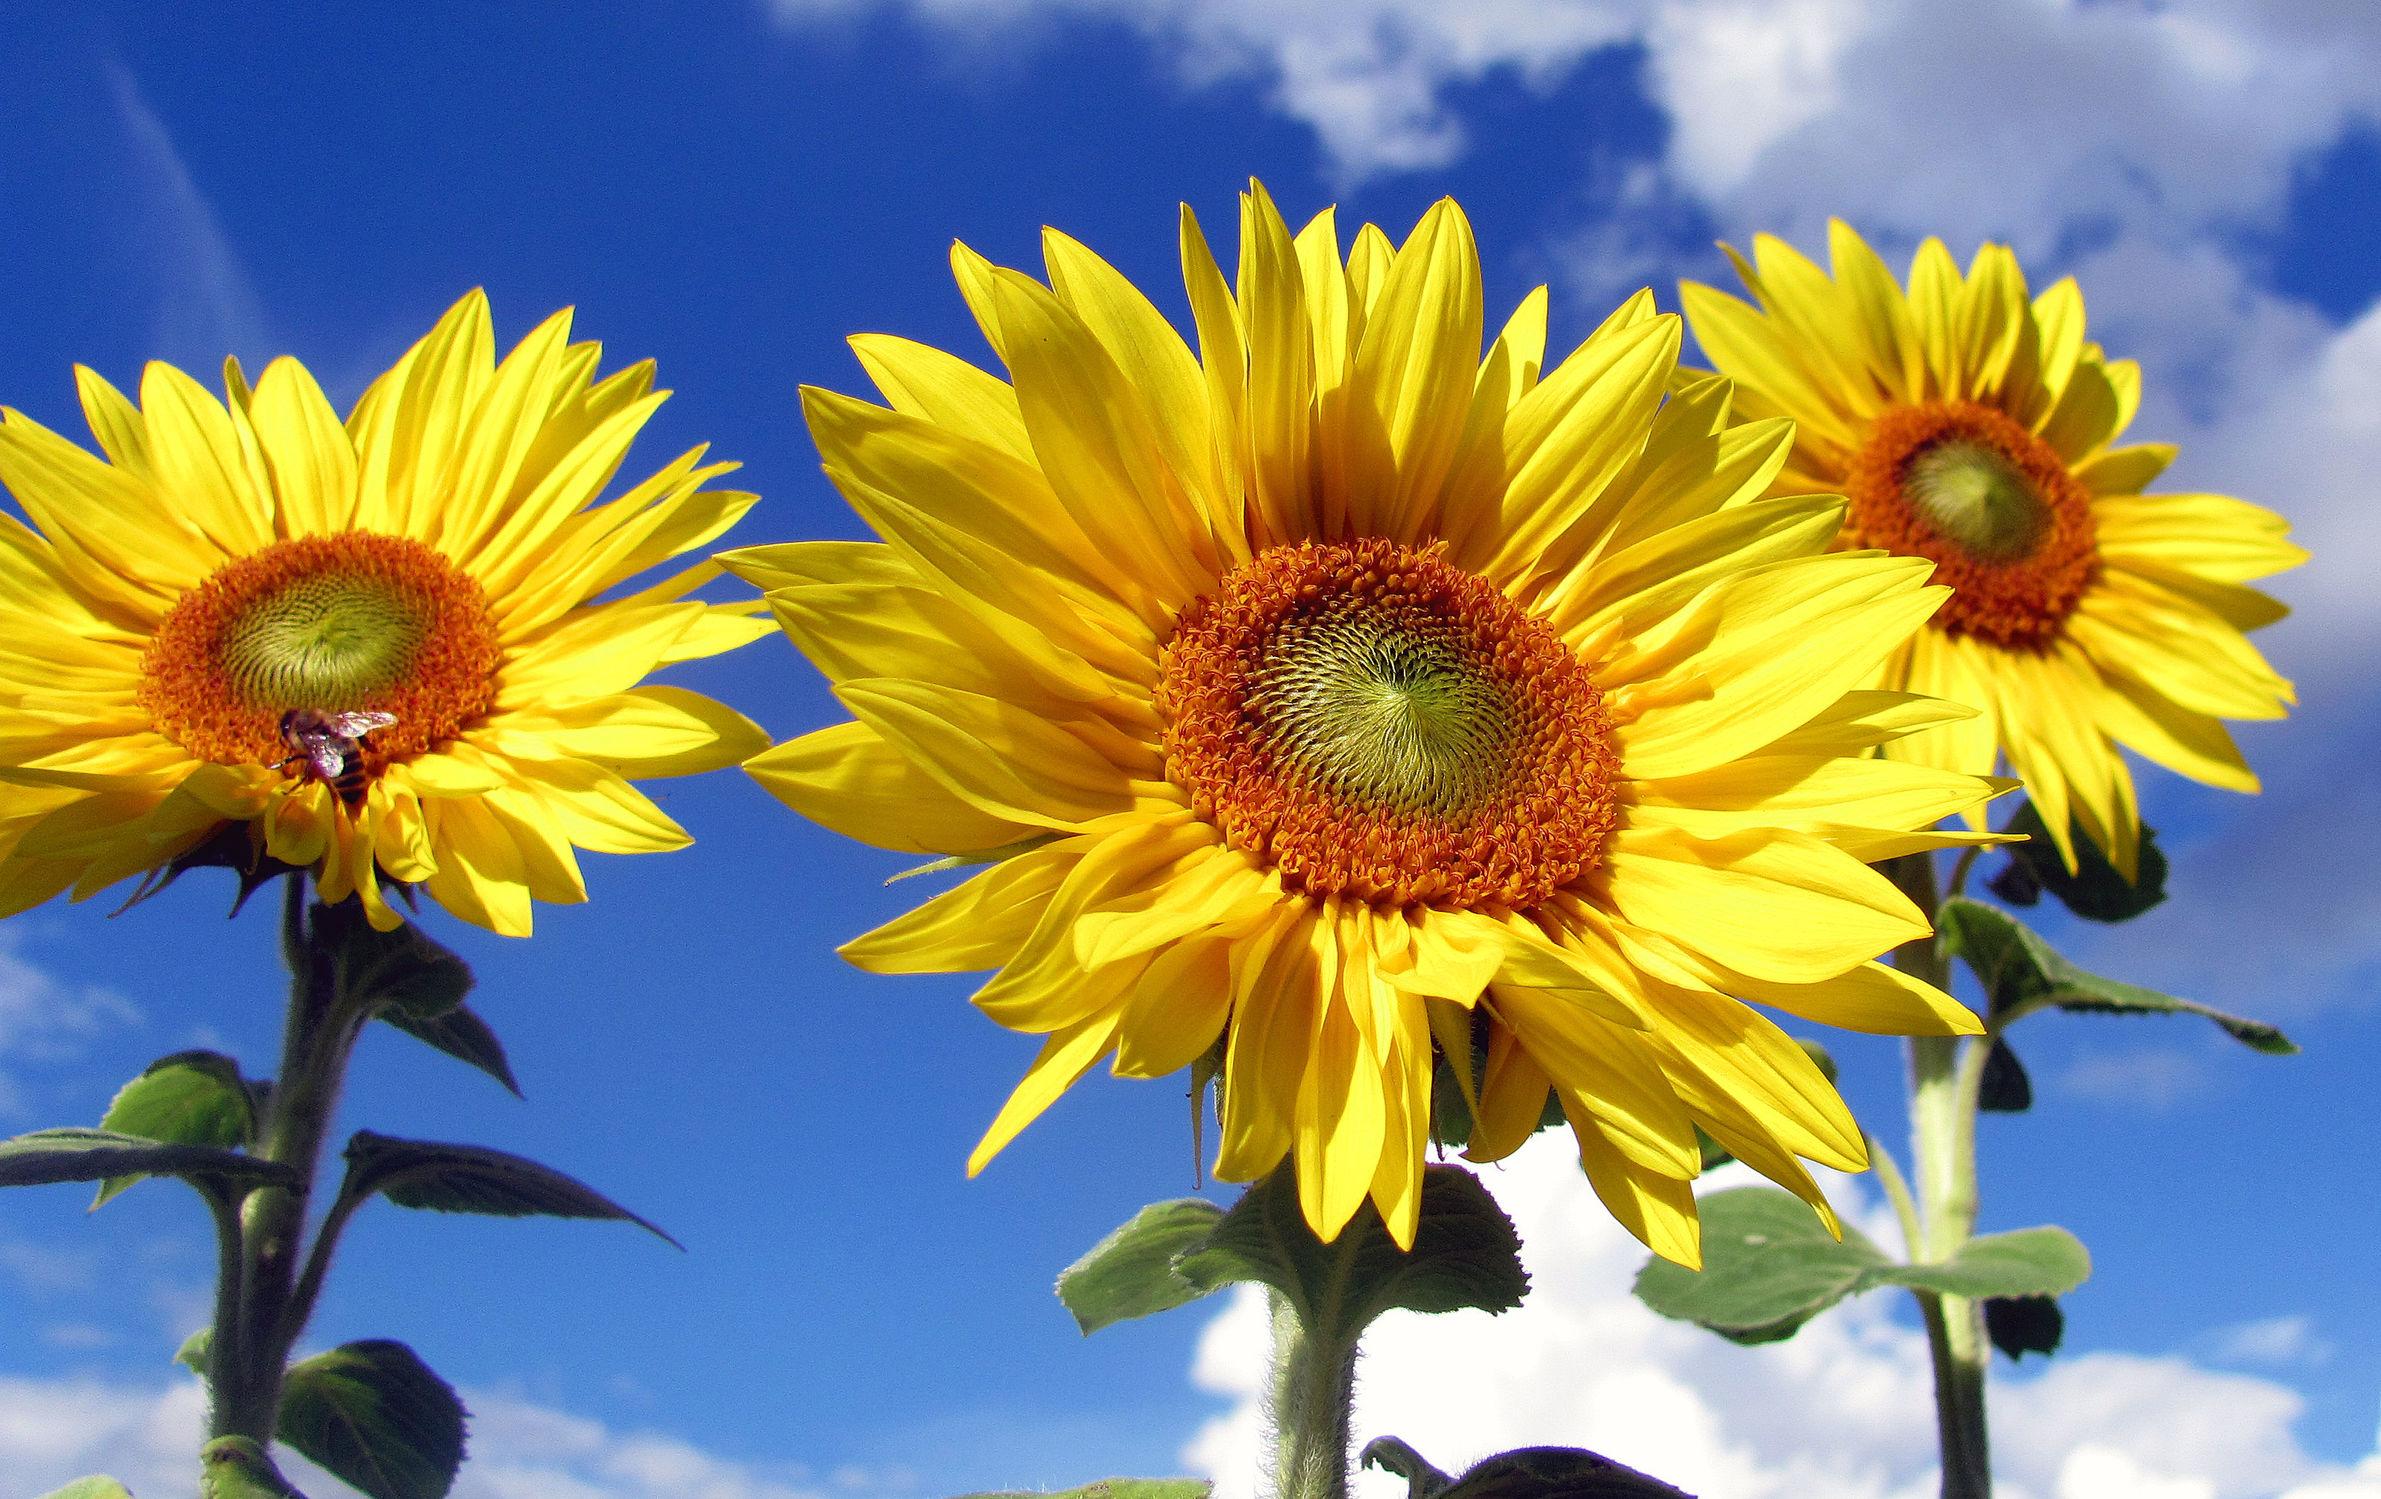 Bild mit Pflanzen, Blumen, Sonnenblumen, Blume, Sonnenblume, Blüten, blüte